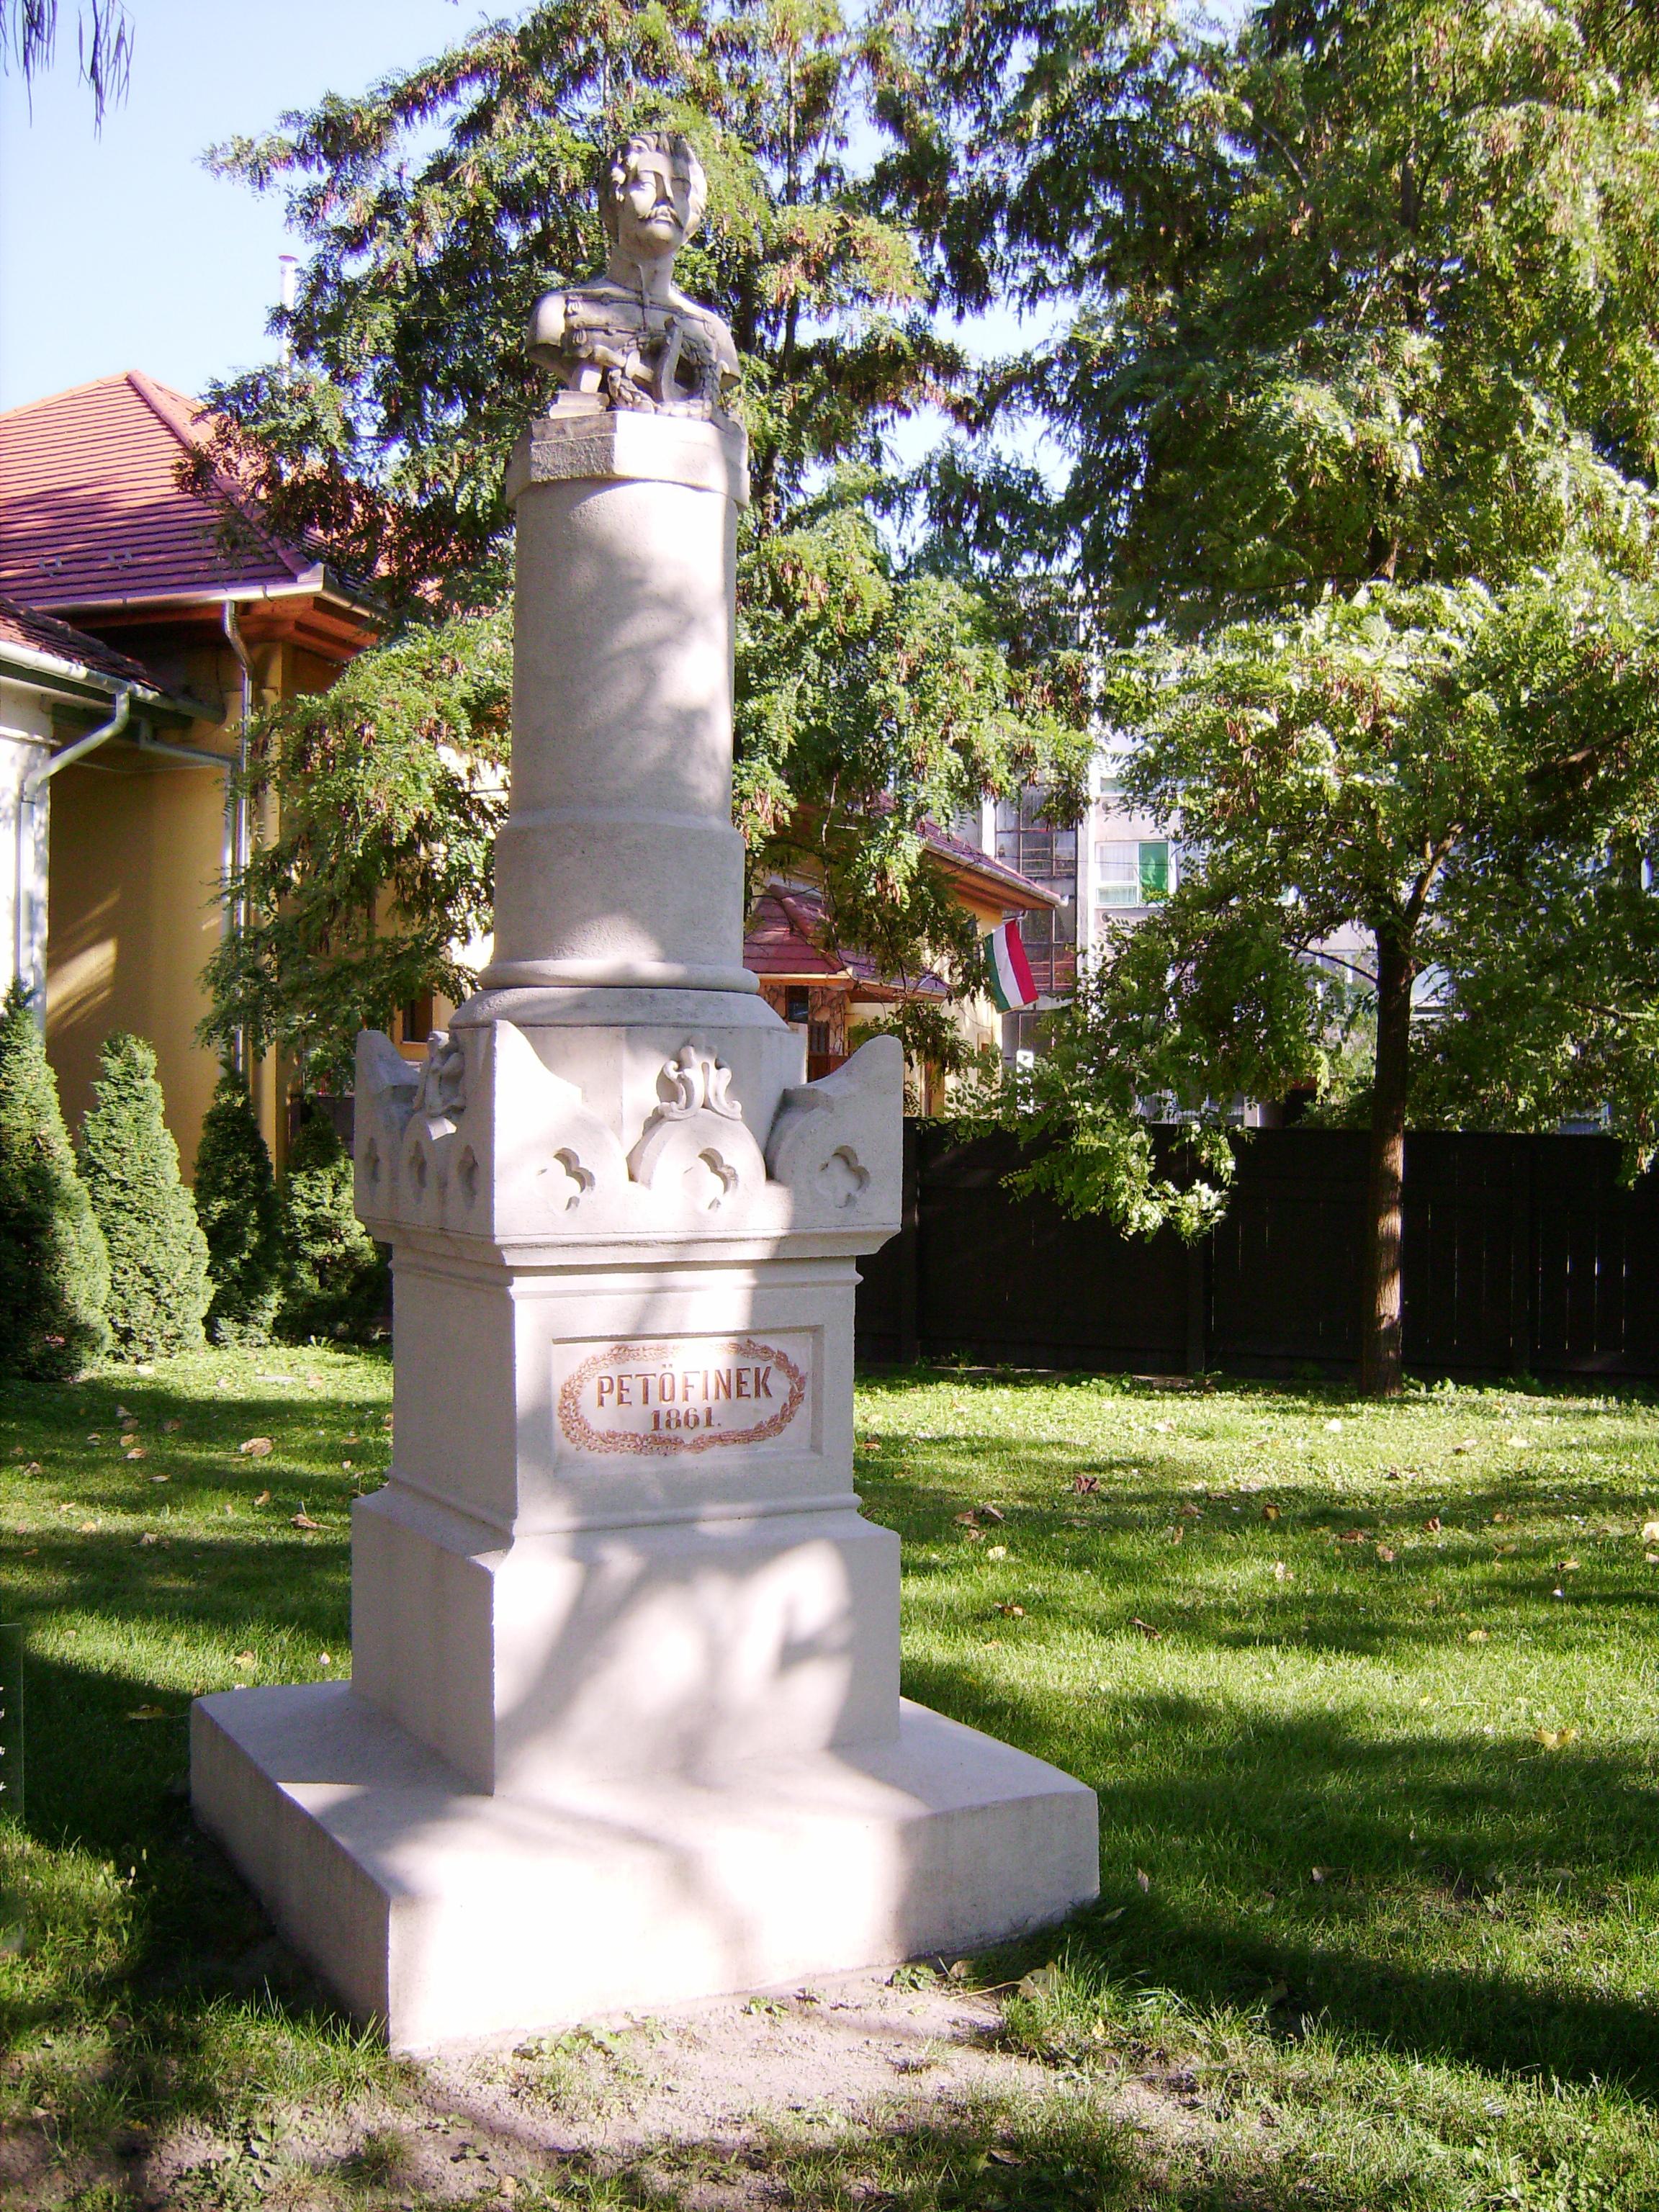 A világ első köztéri Petőfi-szobrát Kiskőrös város lakossága állíttatta 1862-ben. A szobrot a pesti Gerenday-cég műhelyében készítették 1861-ben